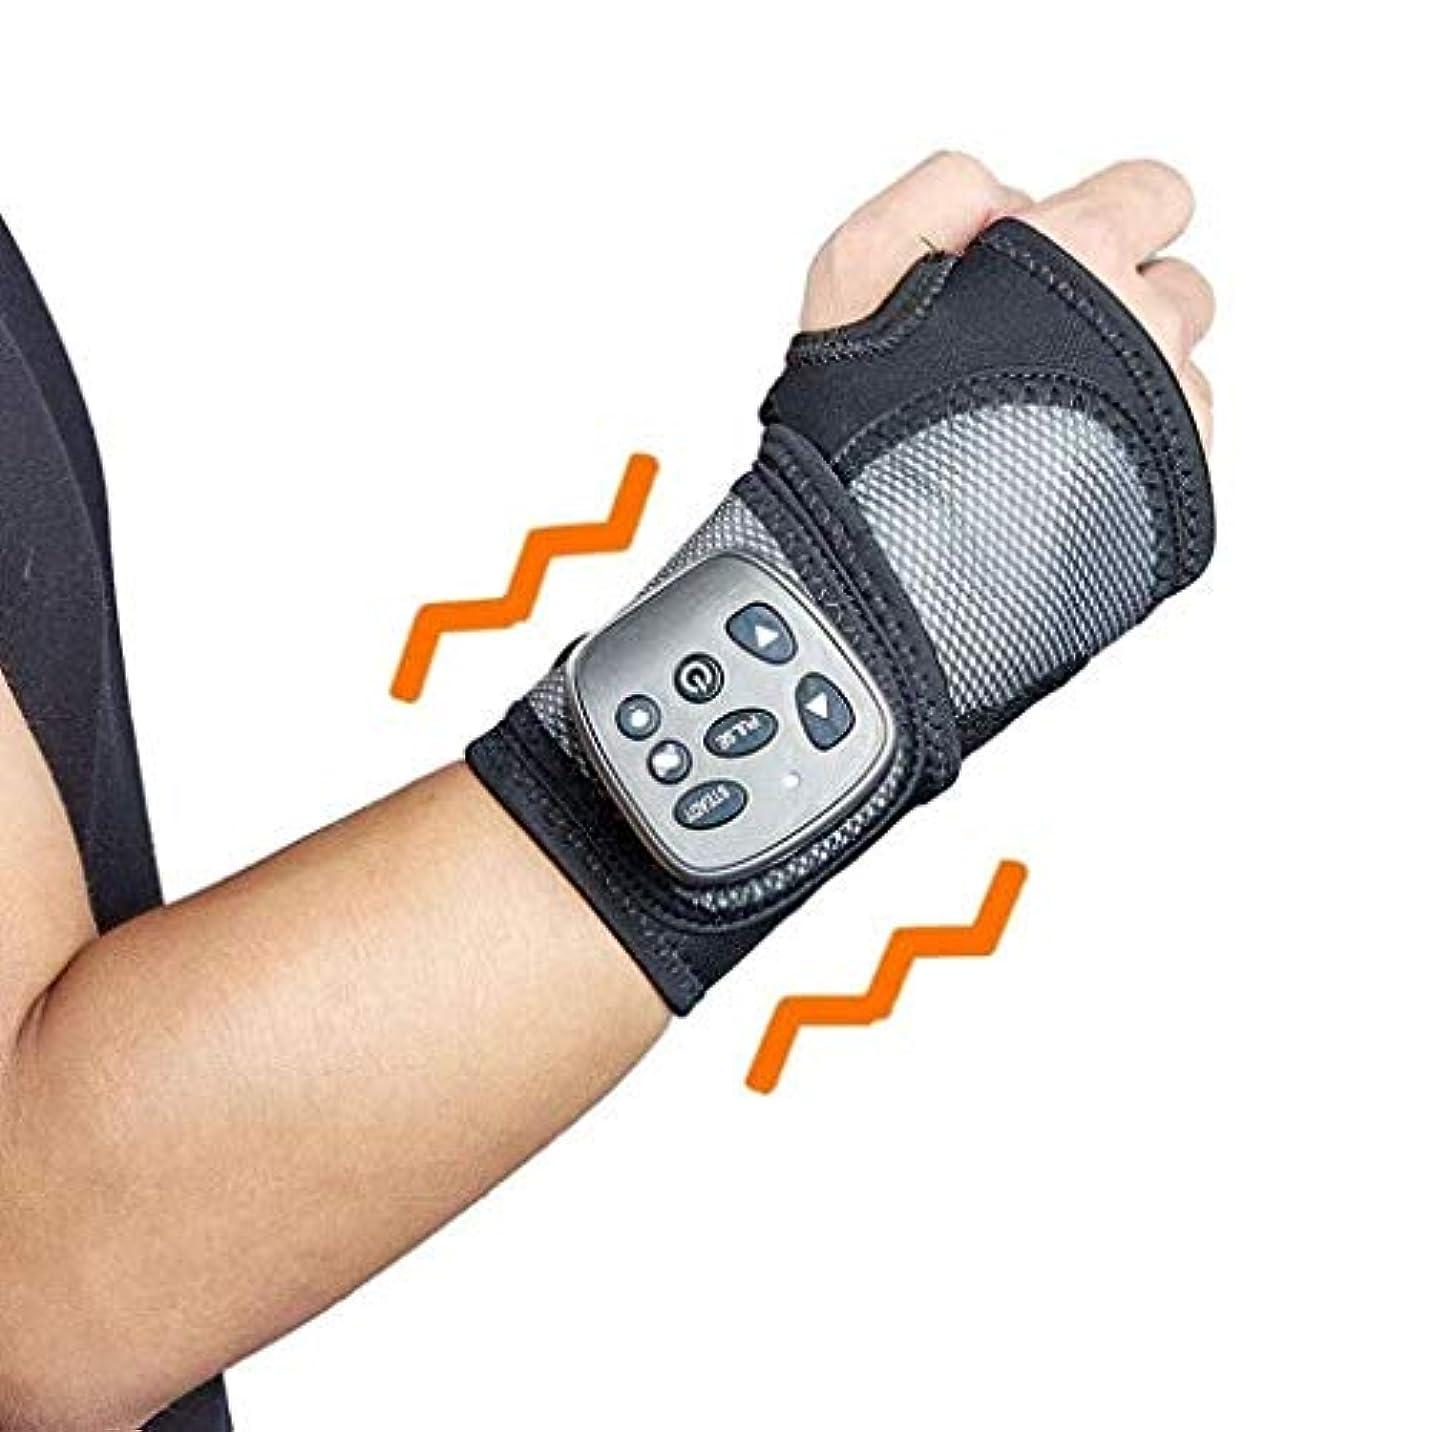 出身地触手願うハンドマッサージ、手首のマッサージ器、充電式リストバンド、手の痛み、振動暖房を軽減血液の循環を促進するための (Color : Vibrationsqueeze, Size : One size)